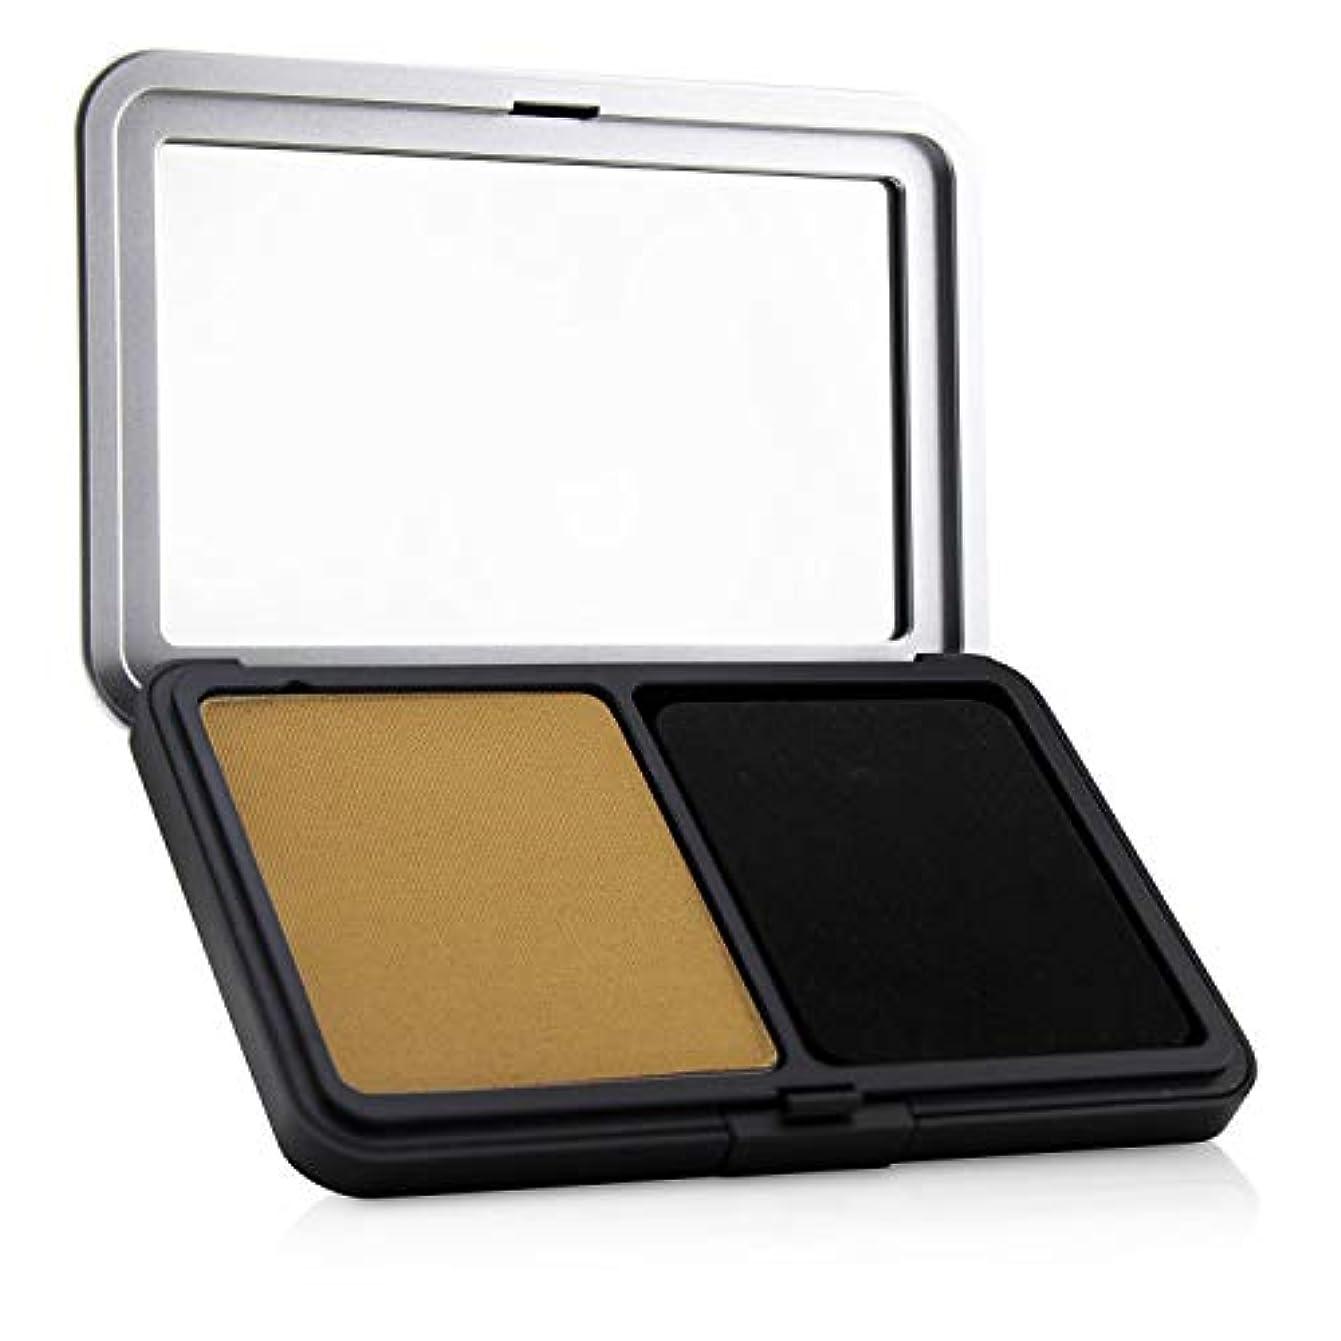 階選択ずんぐりしたメイクアップフォーエバー Matte Velvet Skin Blurring Powder Foundation - # Y405 (Golden Honey) 11g/0.38oz並行輸入品